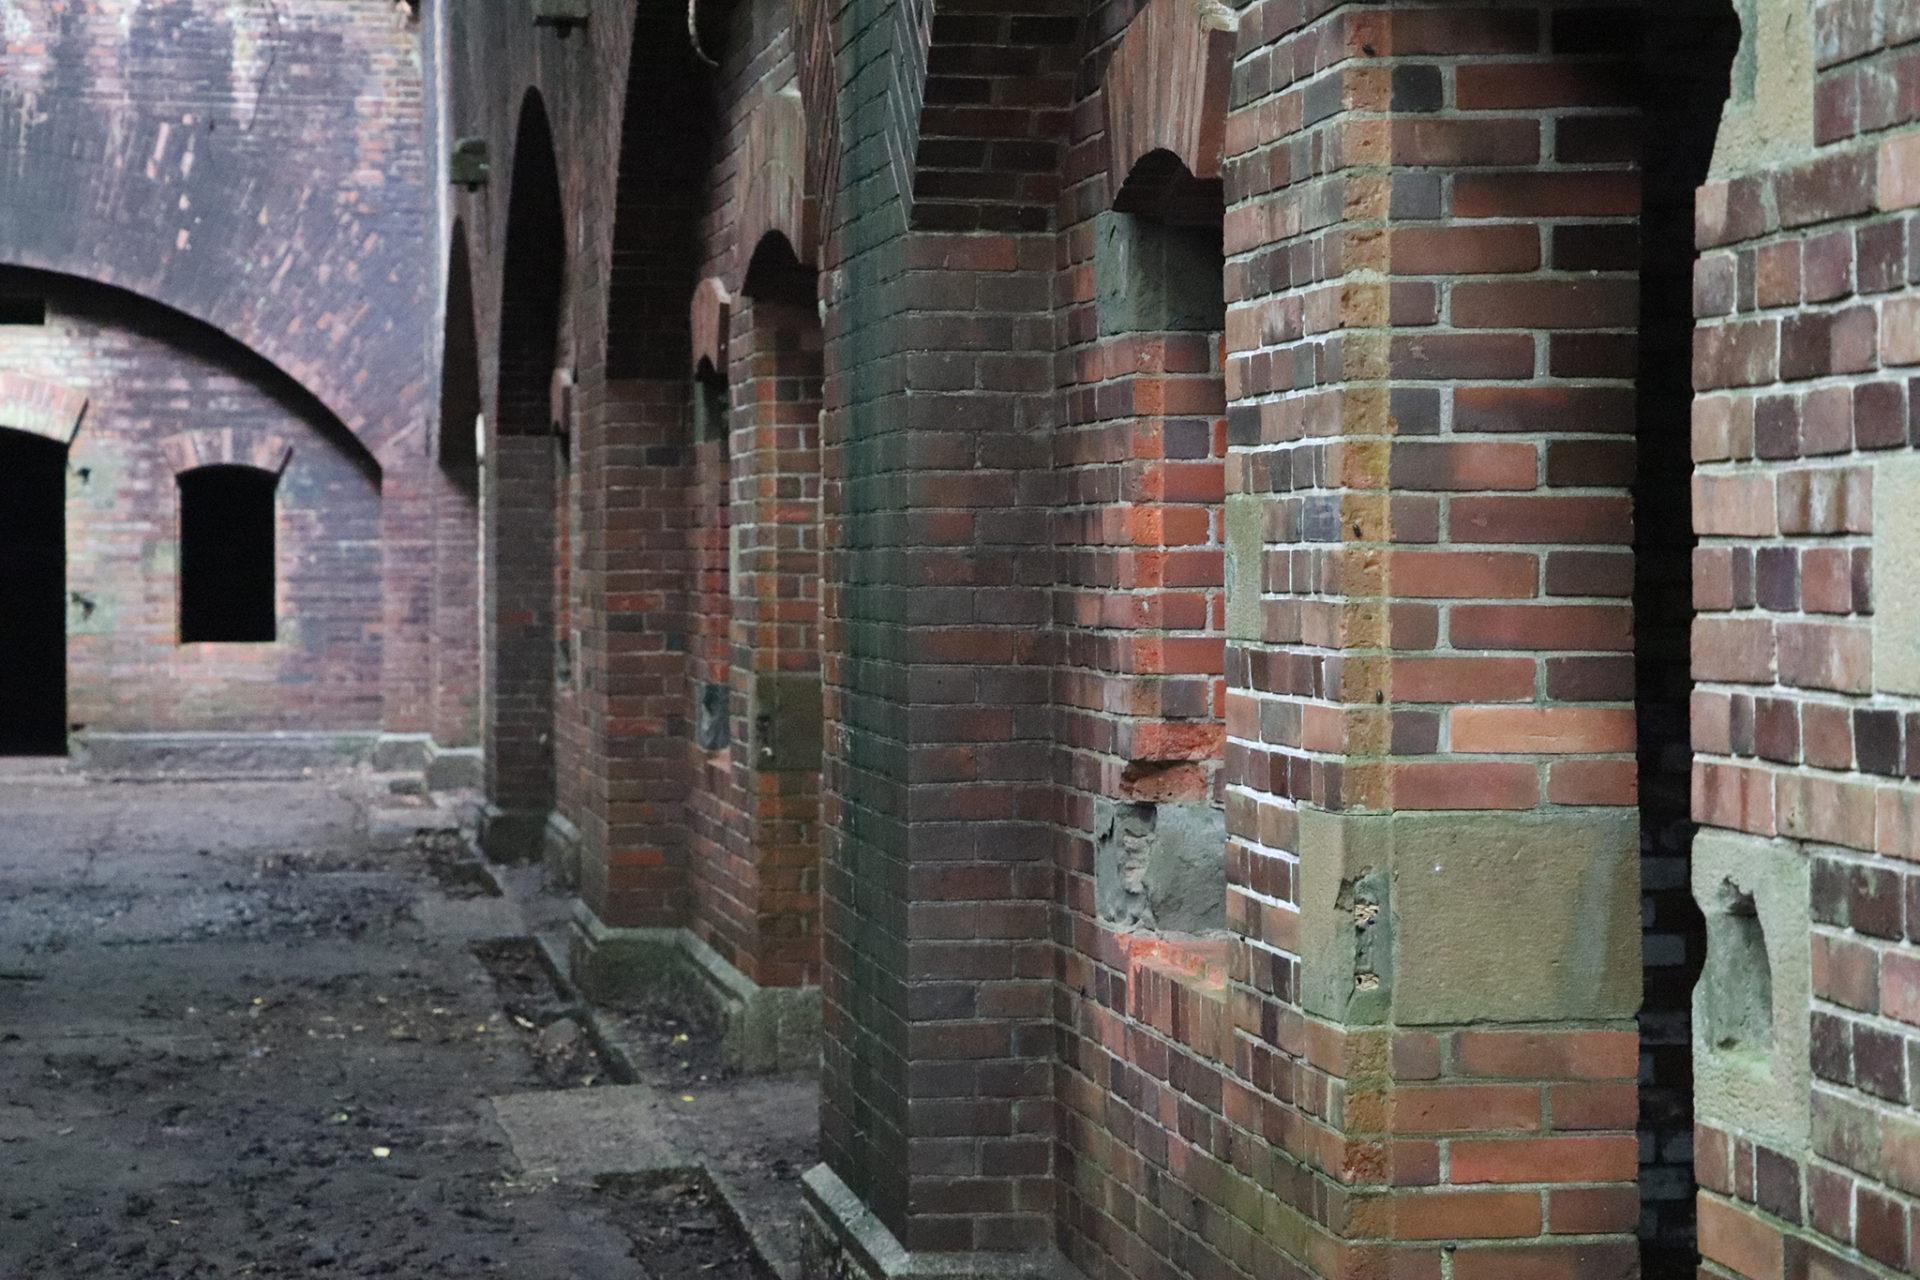 友が島 第三砲台跡 所々レンガが崩れている壁